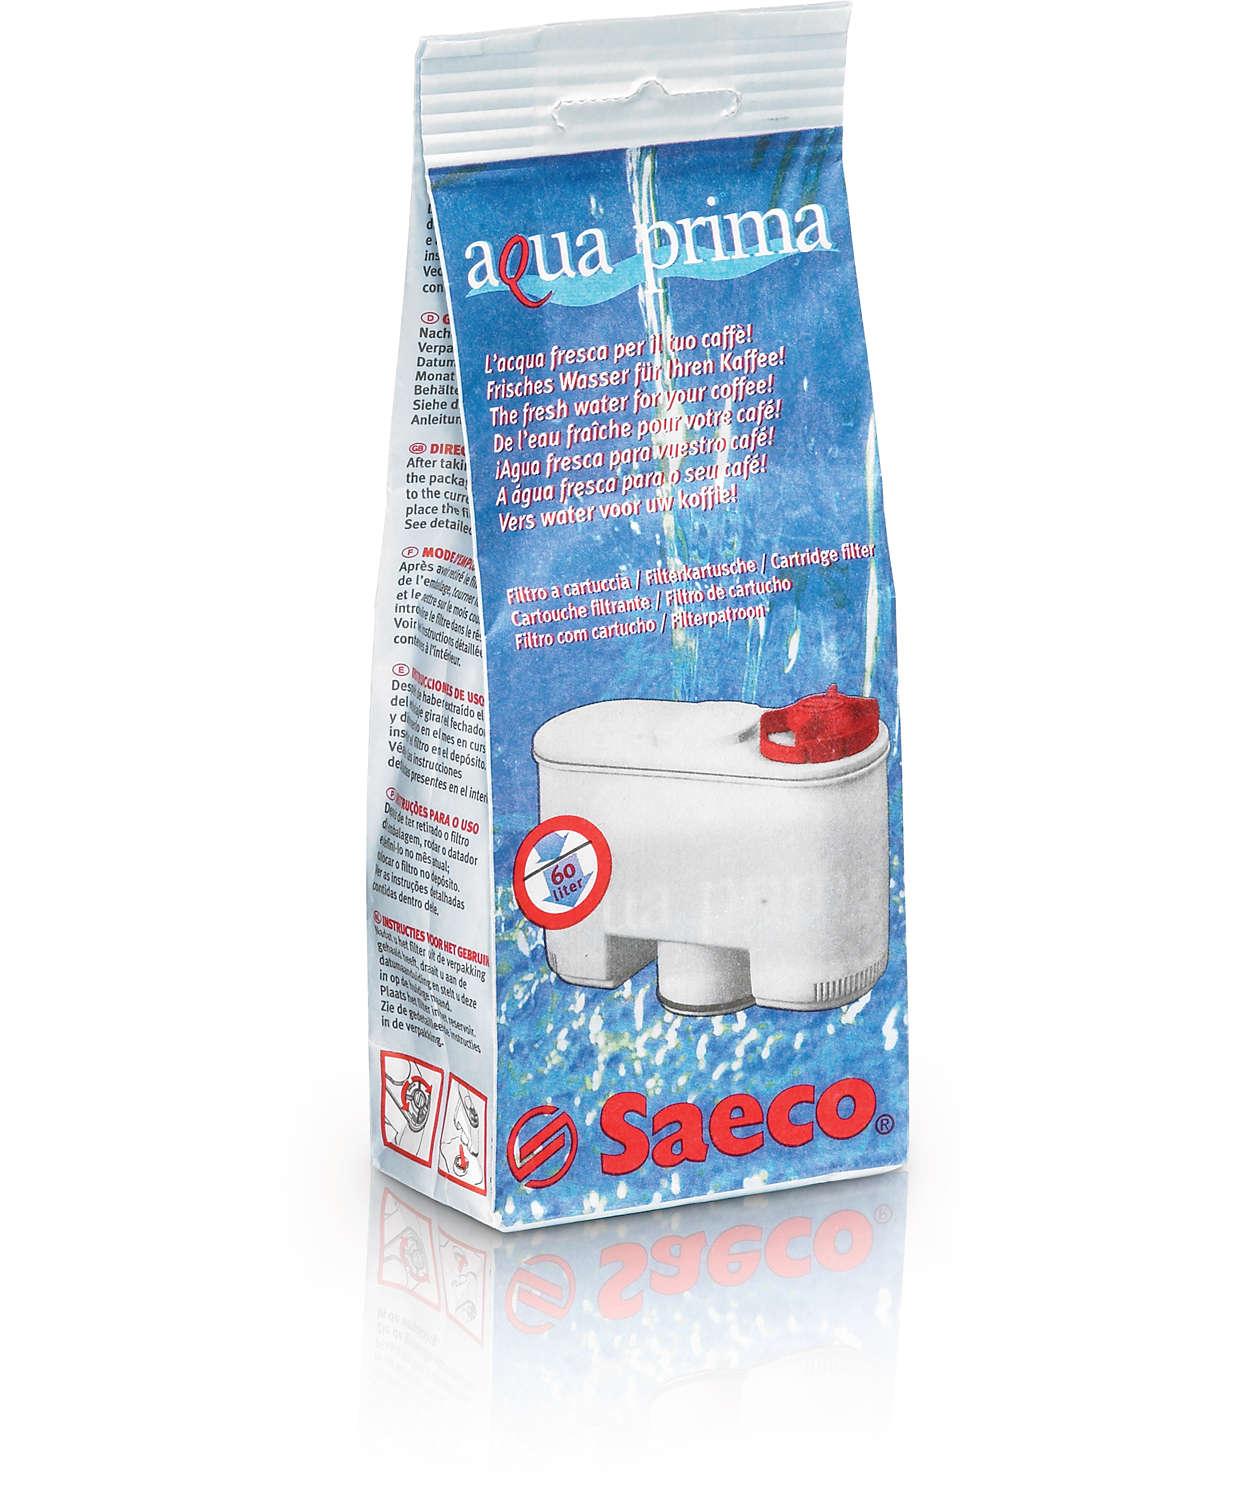 De l'eau filtrée pour un espresso plus savoureux